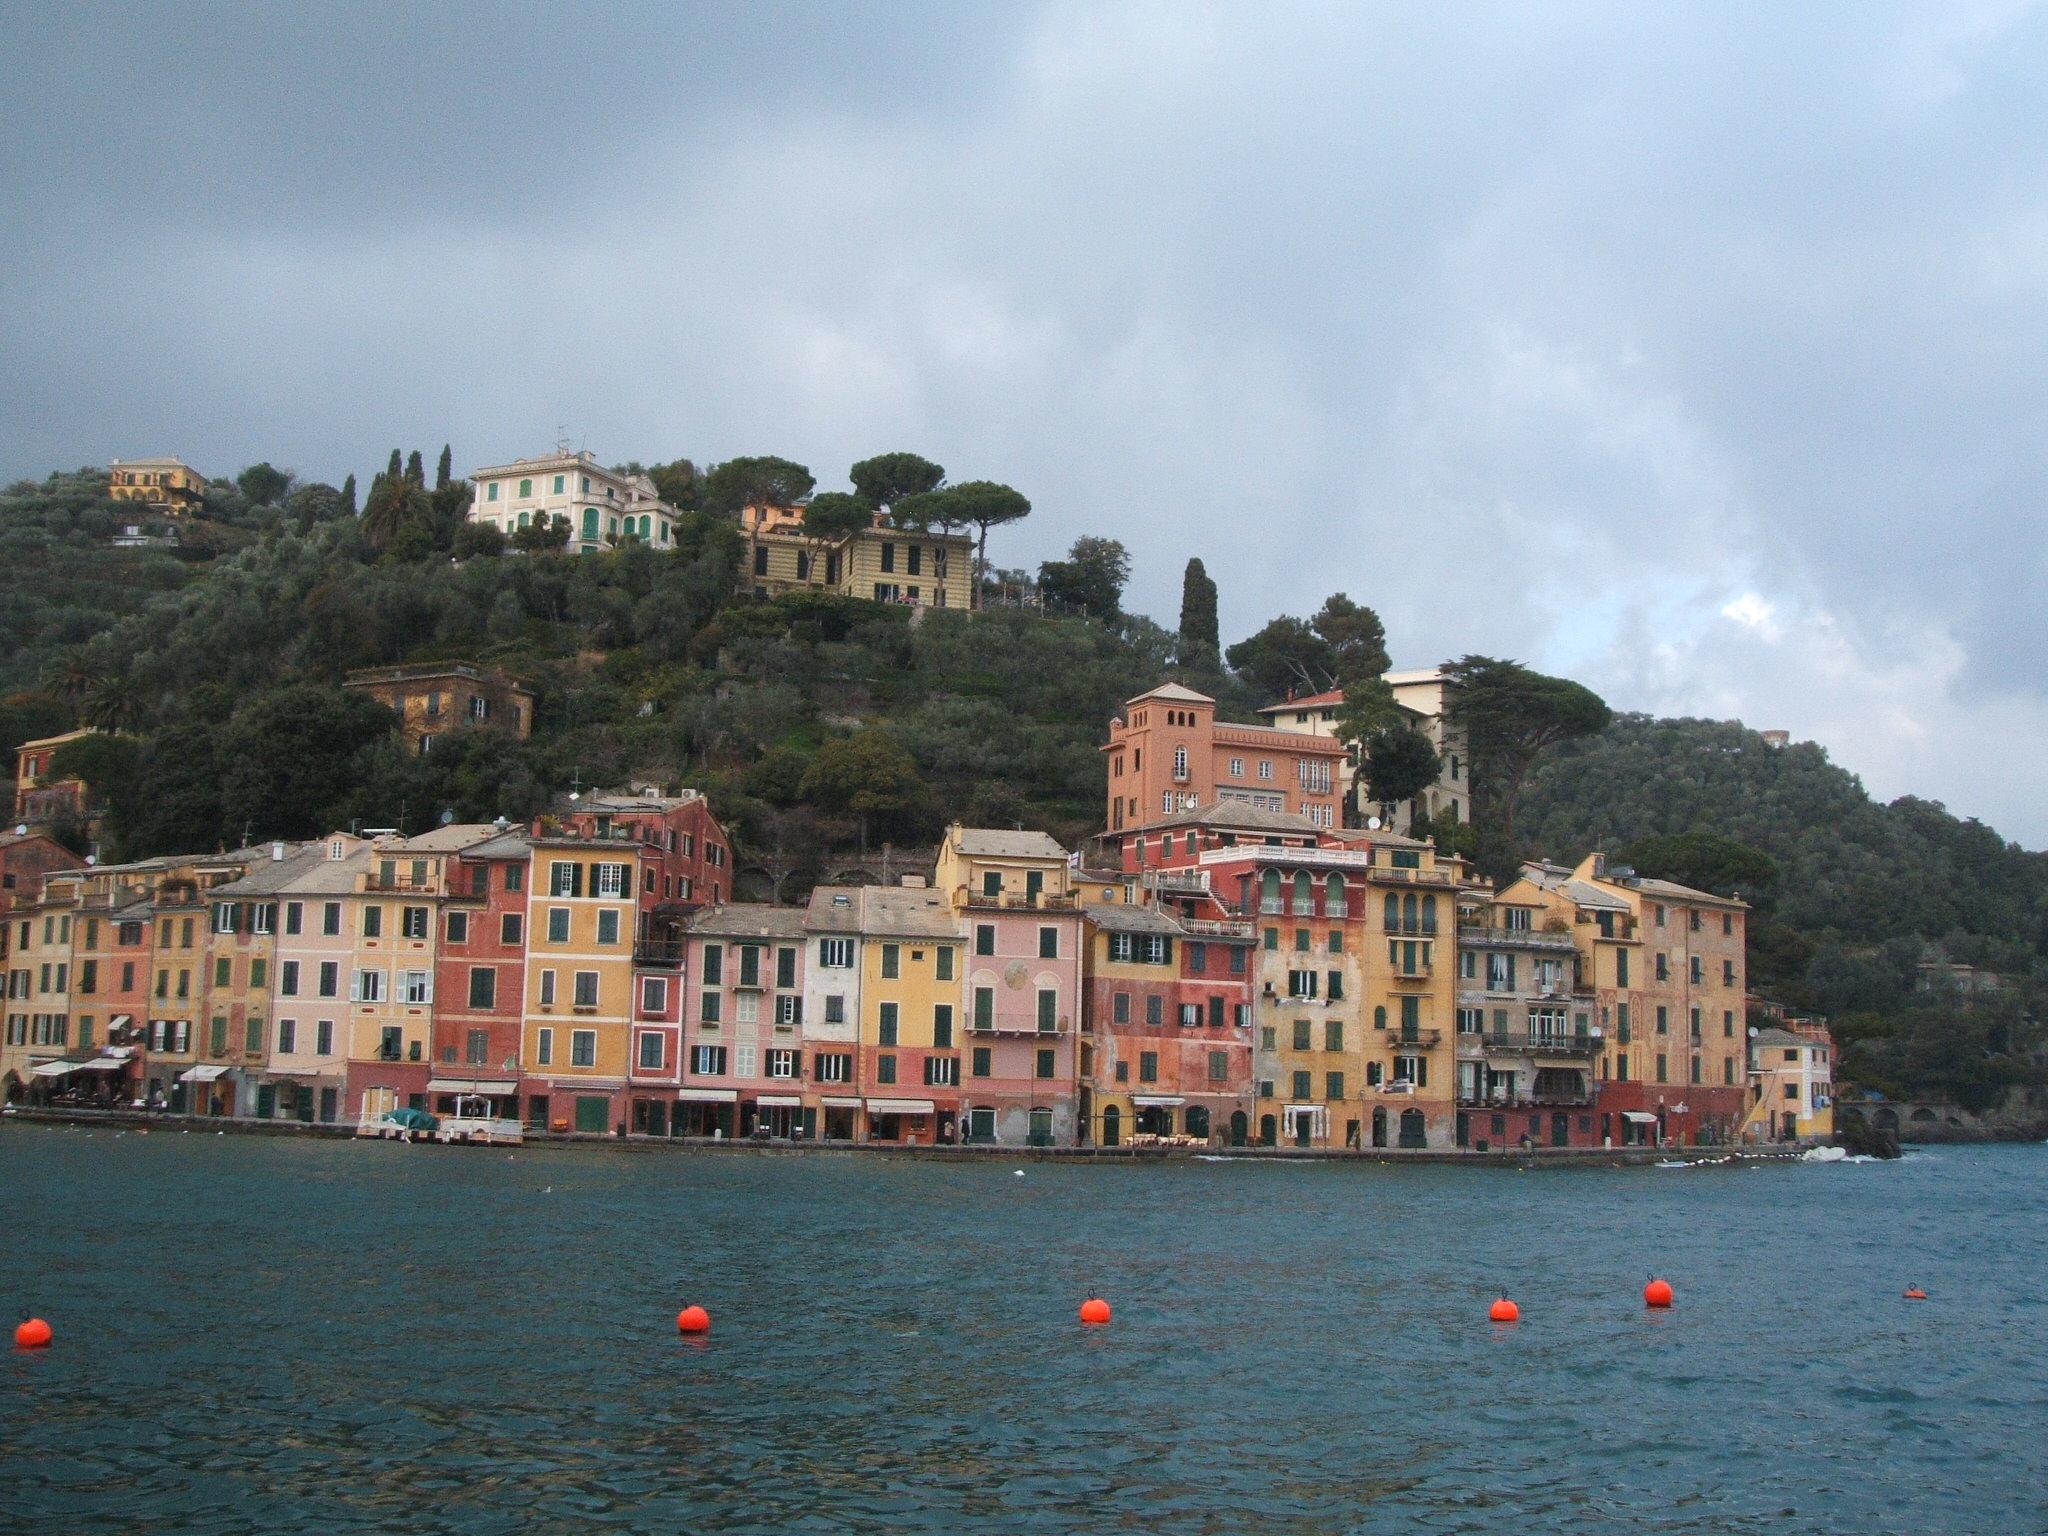 ゆっくりと建築を語るOctober 2005(4)イタリア人に道を教えてもらう時は気をつけましょう● ピザ釜 造ろう♪(3)イタリア・ミラノでの市内見学(2)イタリアの設計事務所● スターウォーズ展(1)イタリア研修2005● ブログ はじめました。